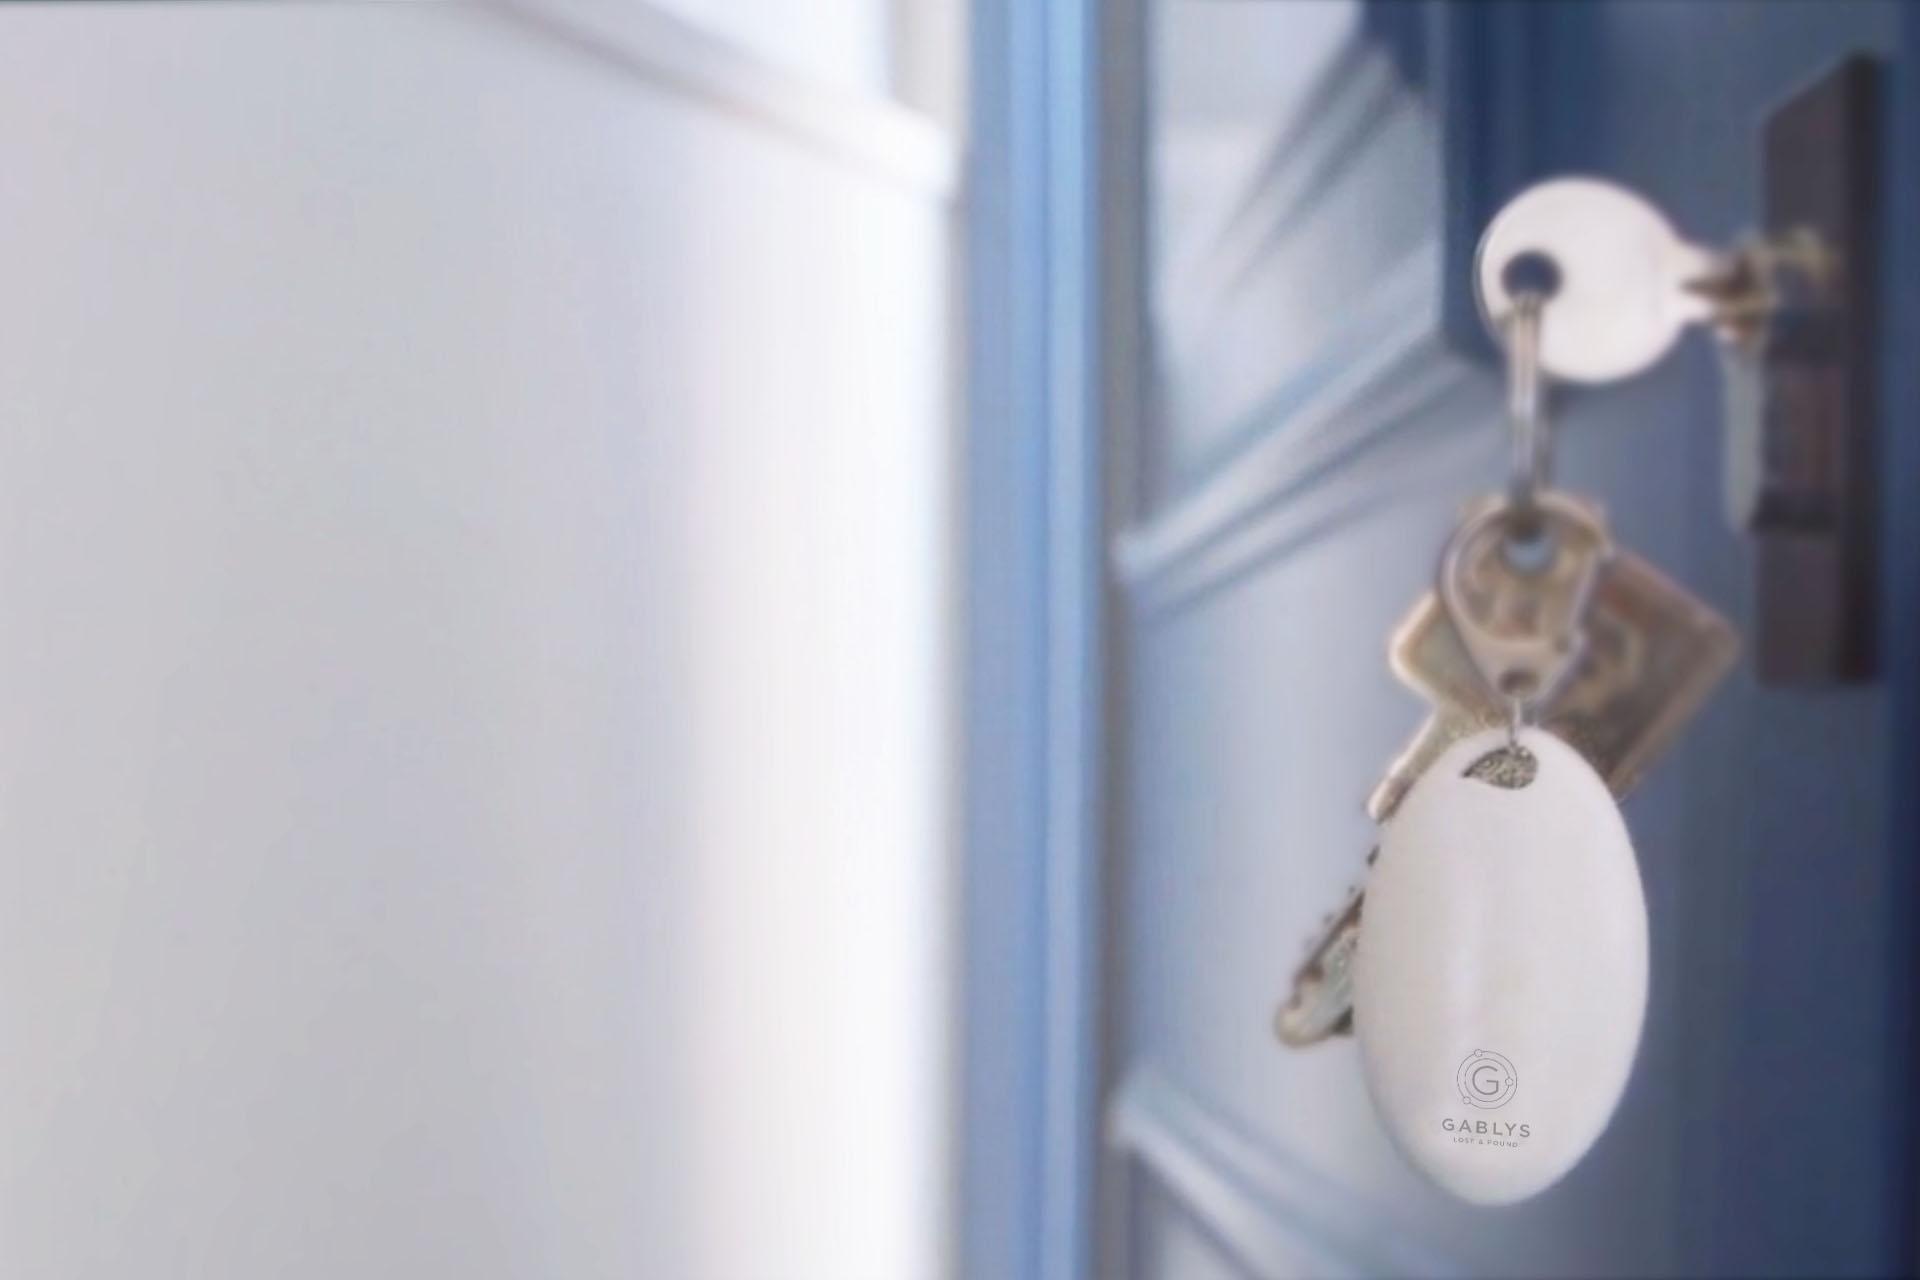 Gablys - Porte-clés connecté